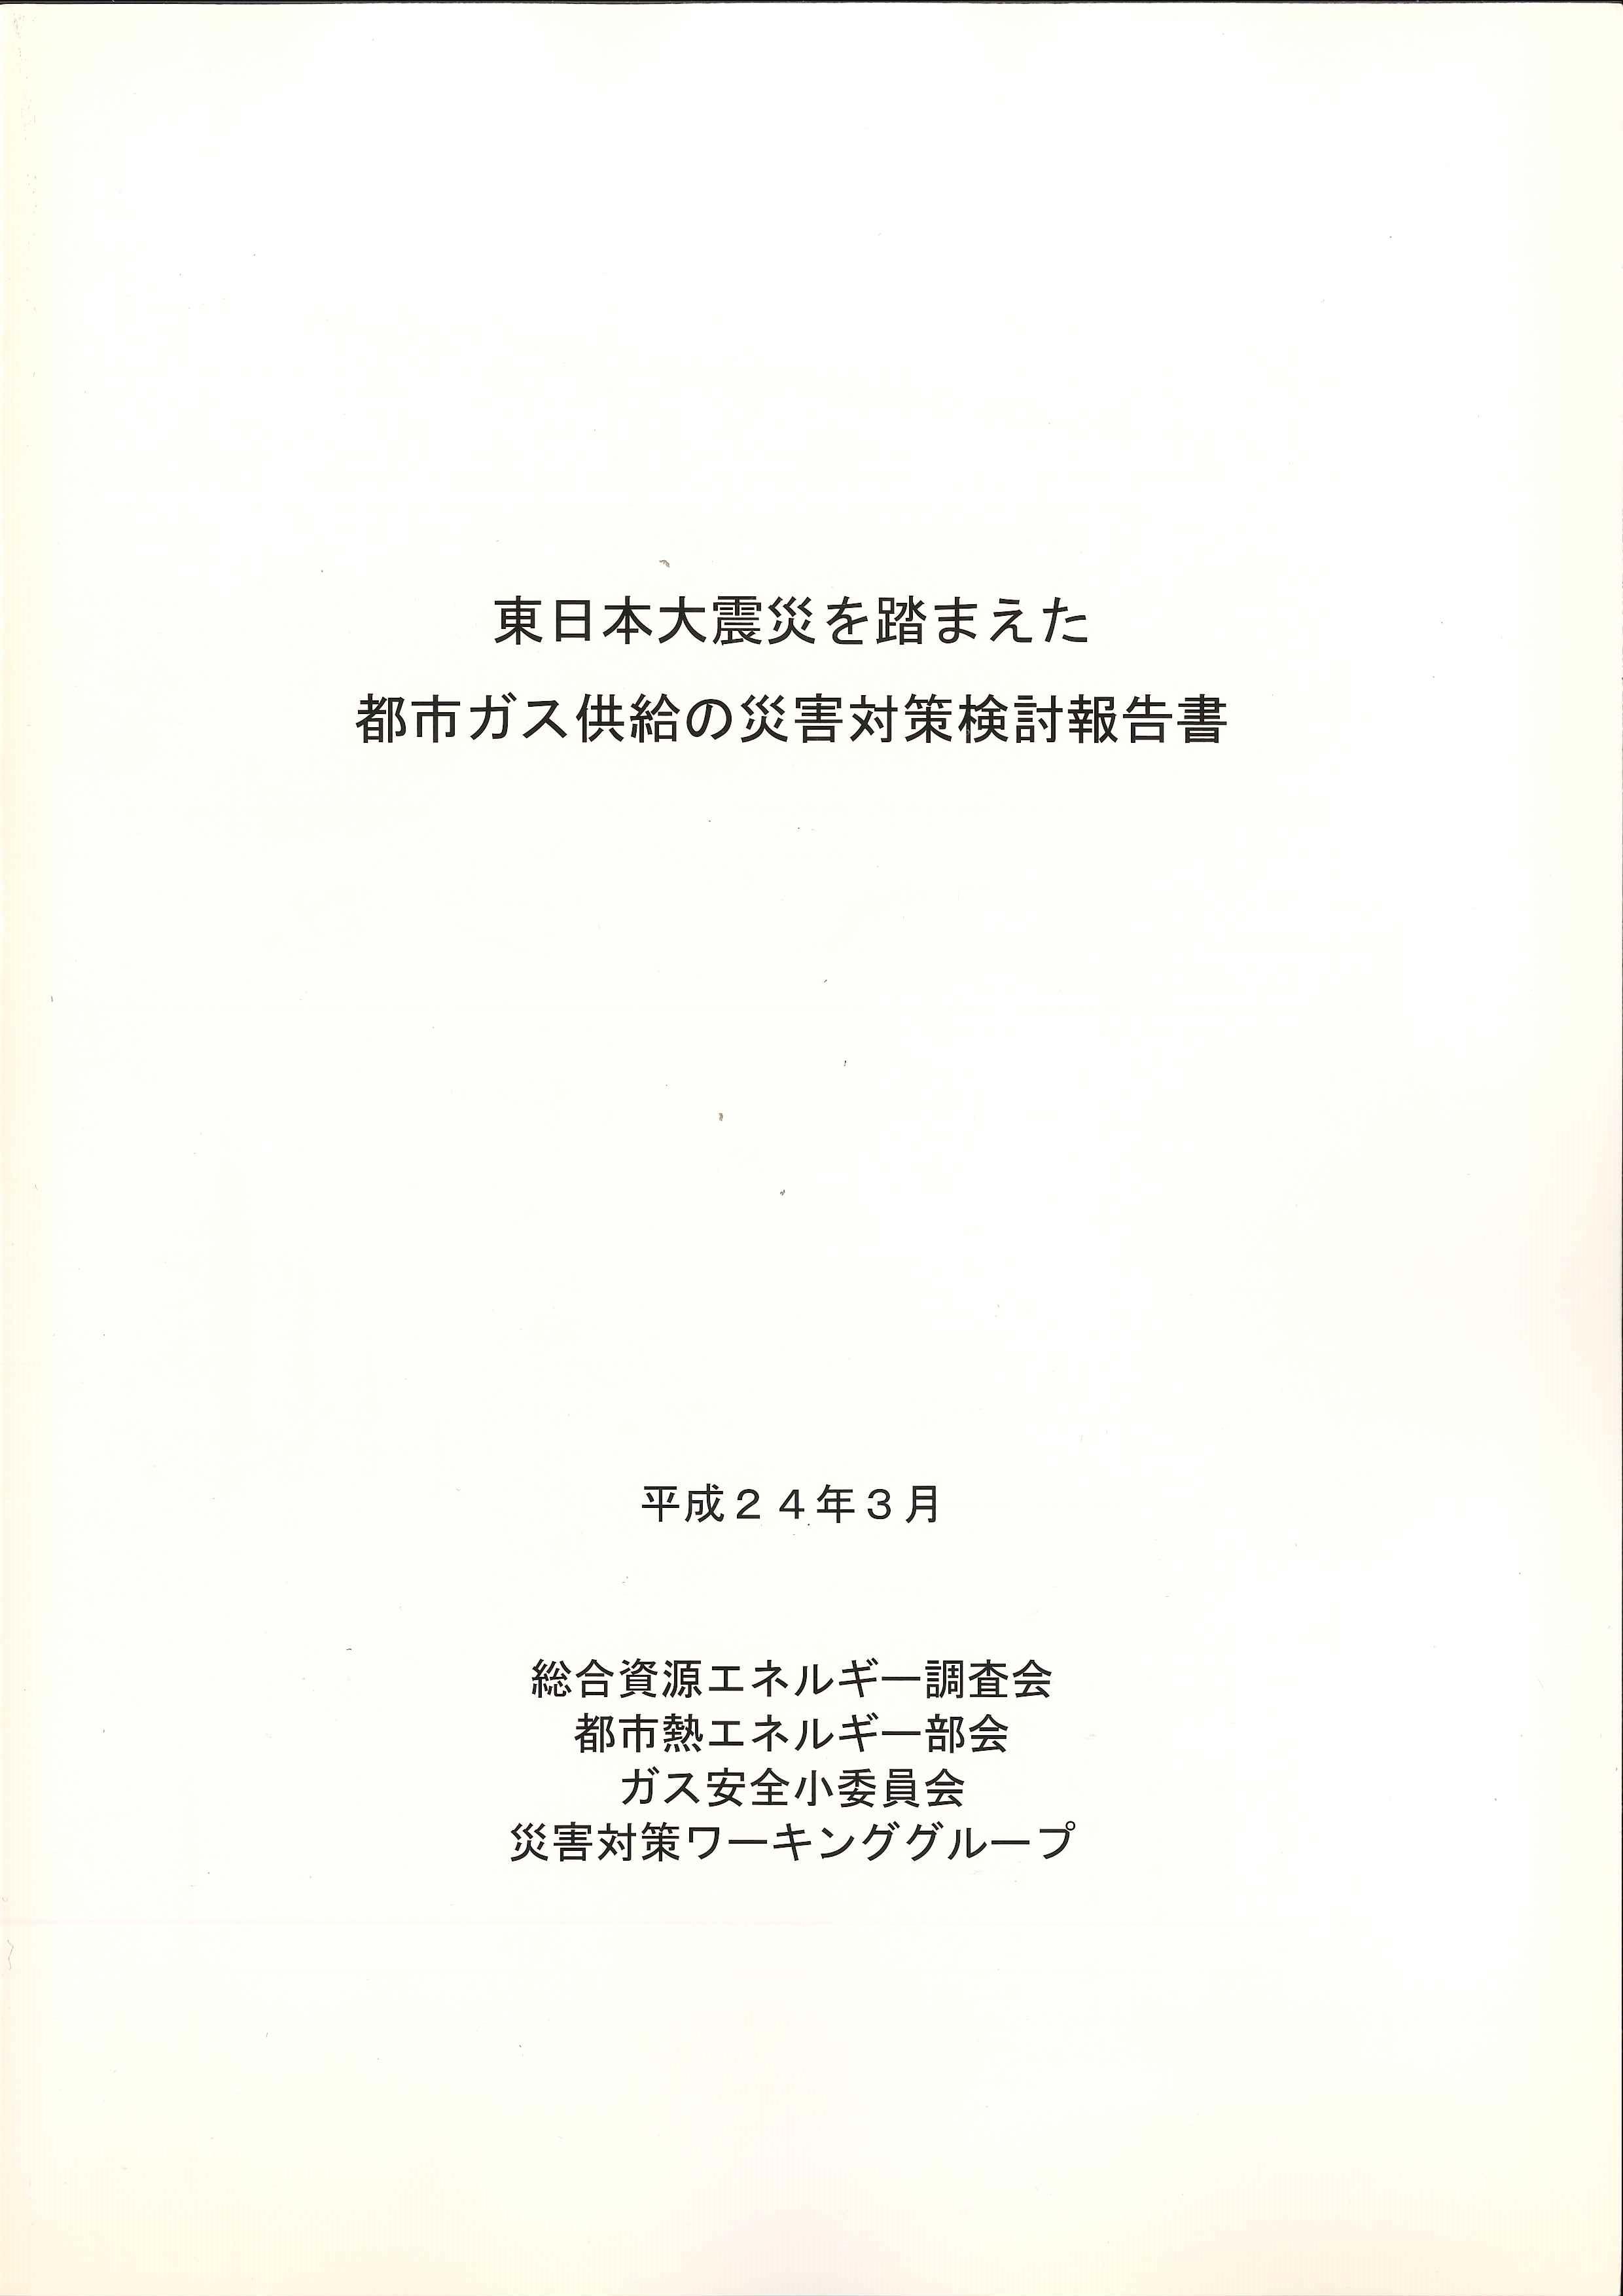 東日本大震災を踏まえた都市ガス供給の災害対策検討報告書